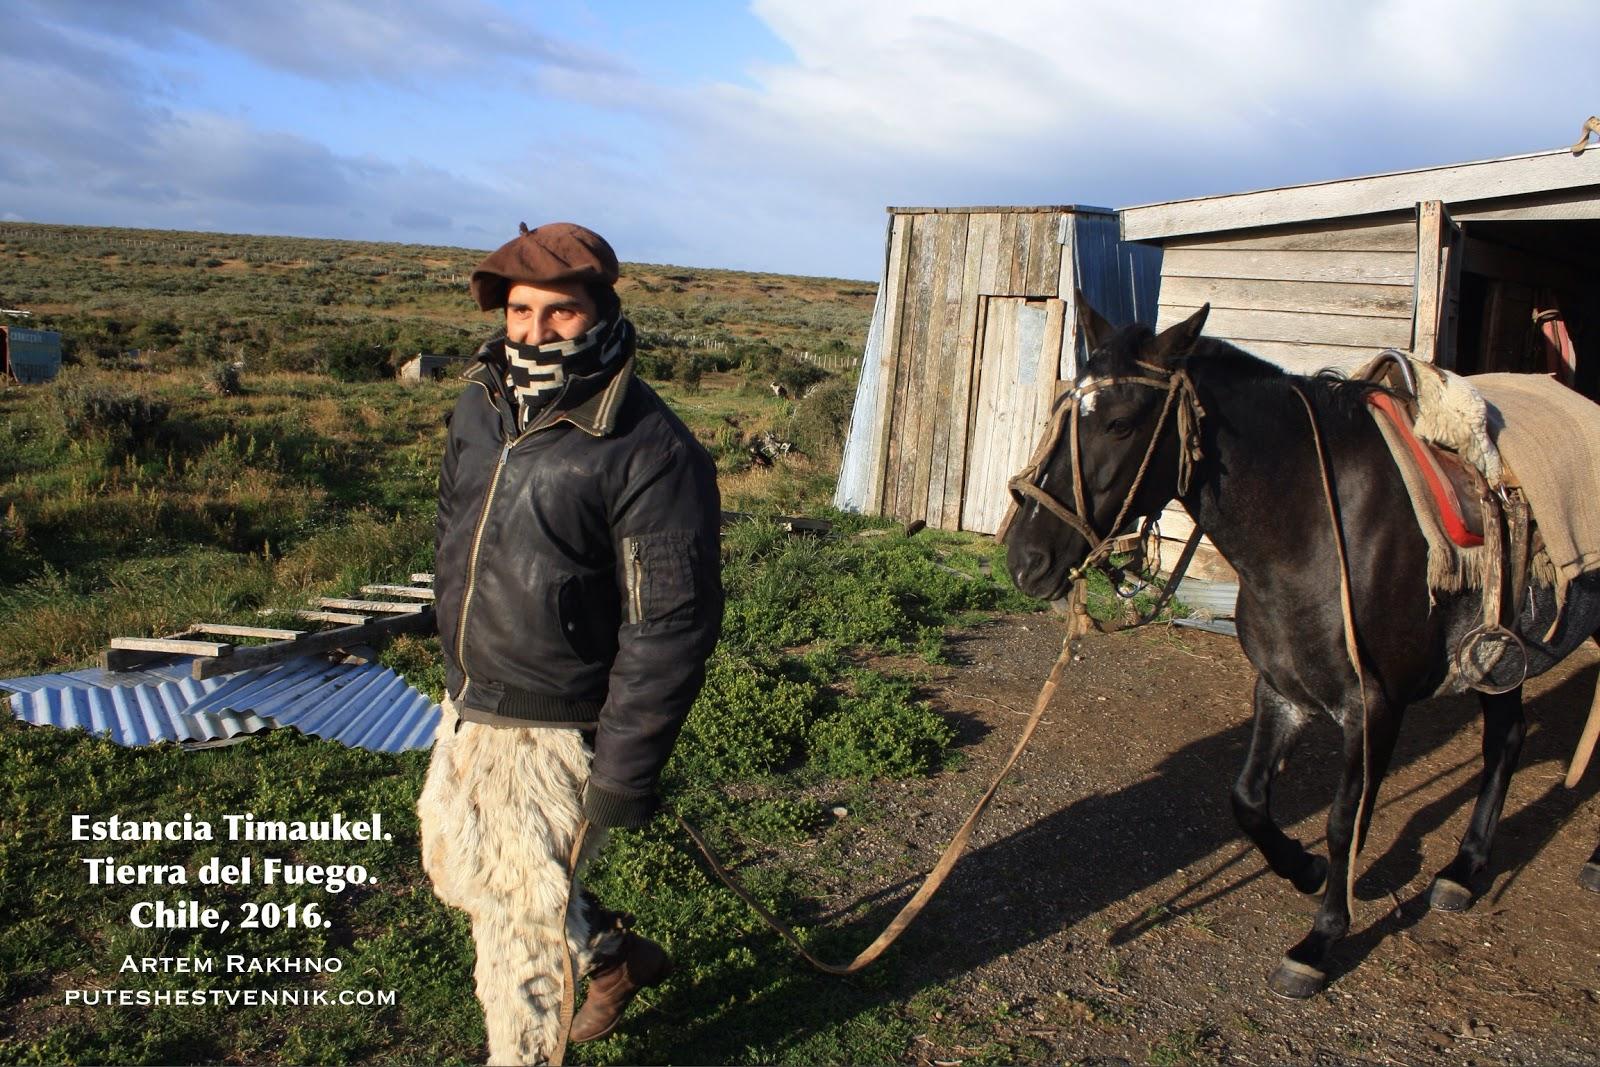 Гаучо ведет лошадь